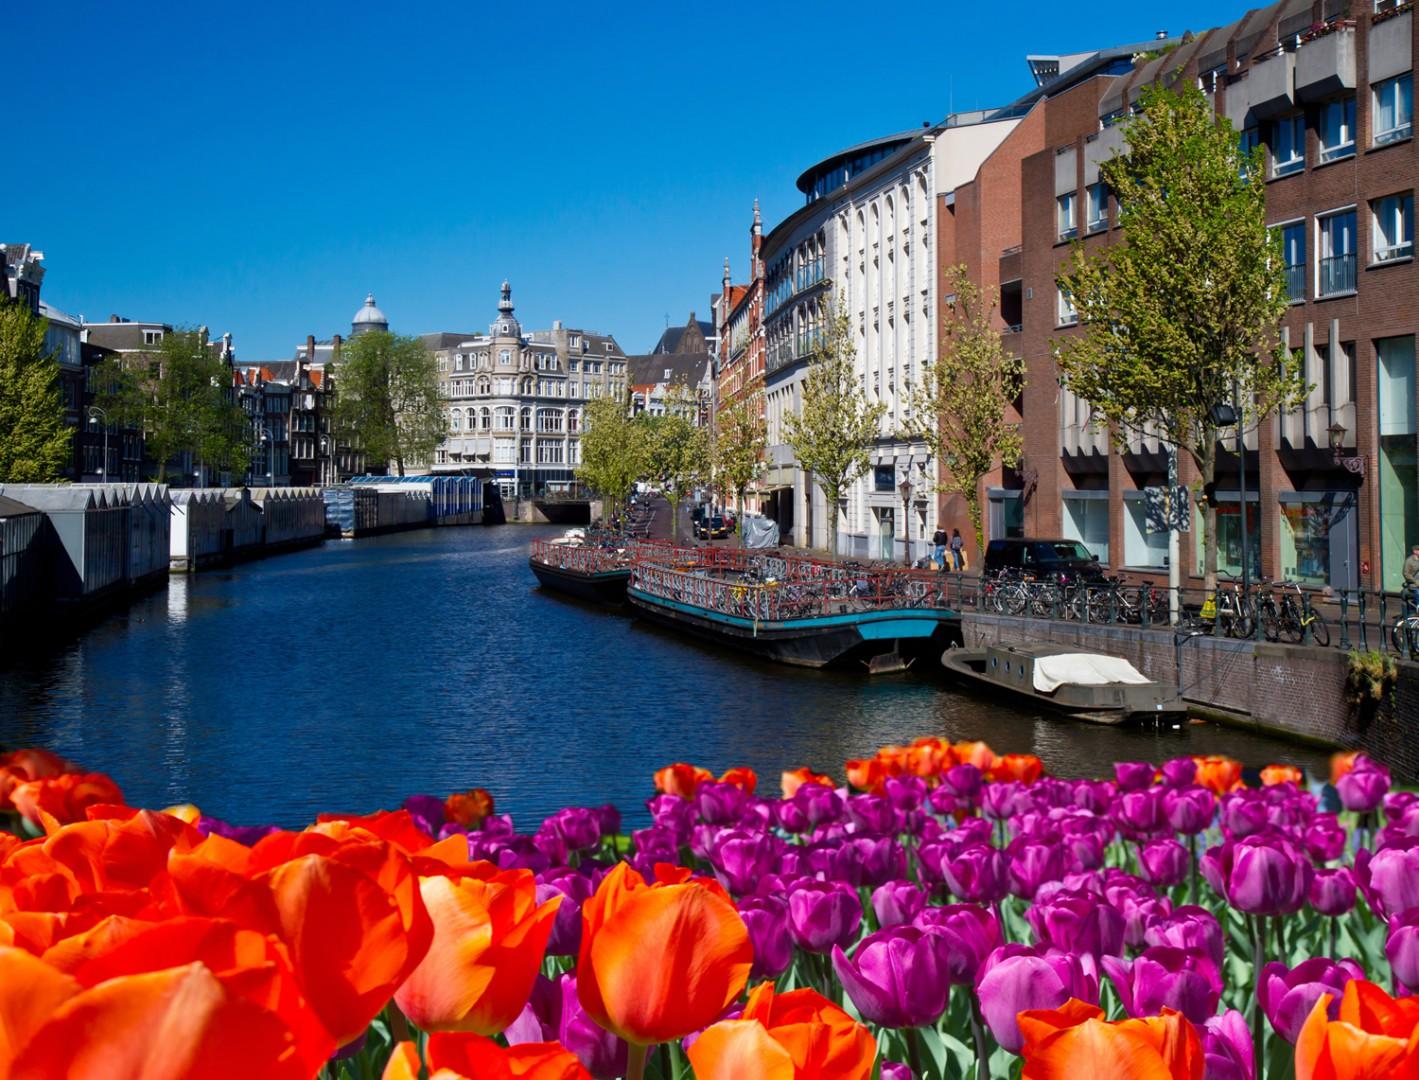 ir de rebajas Vista de un canal en el centro de Ámsterdam.